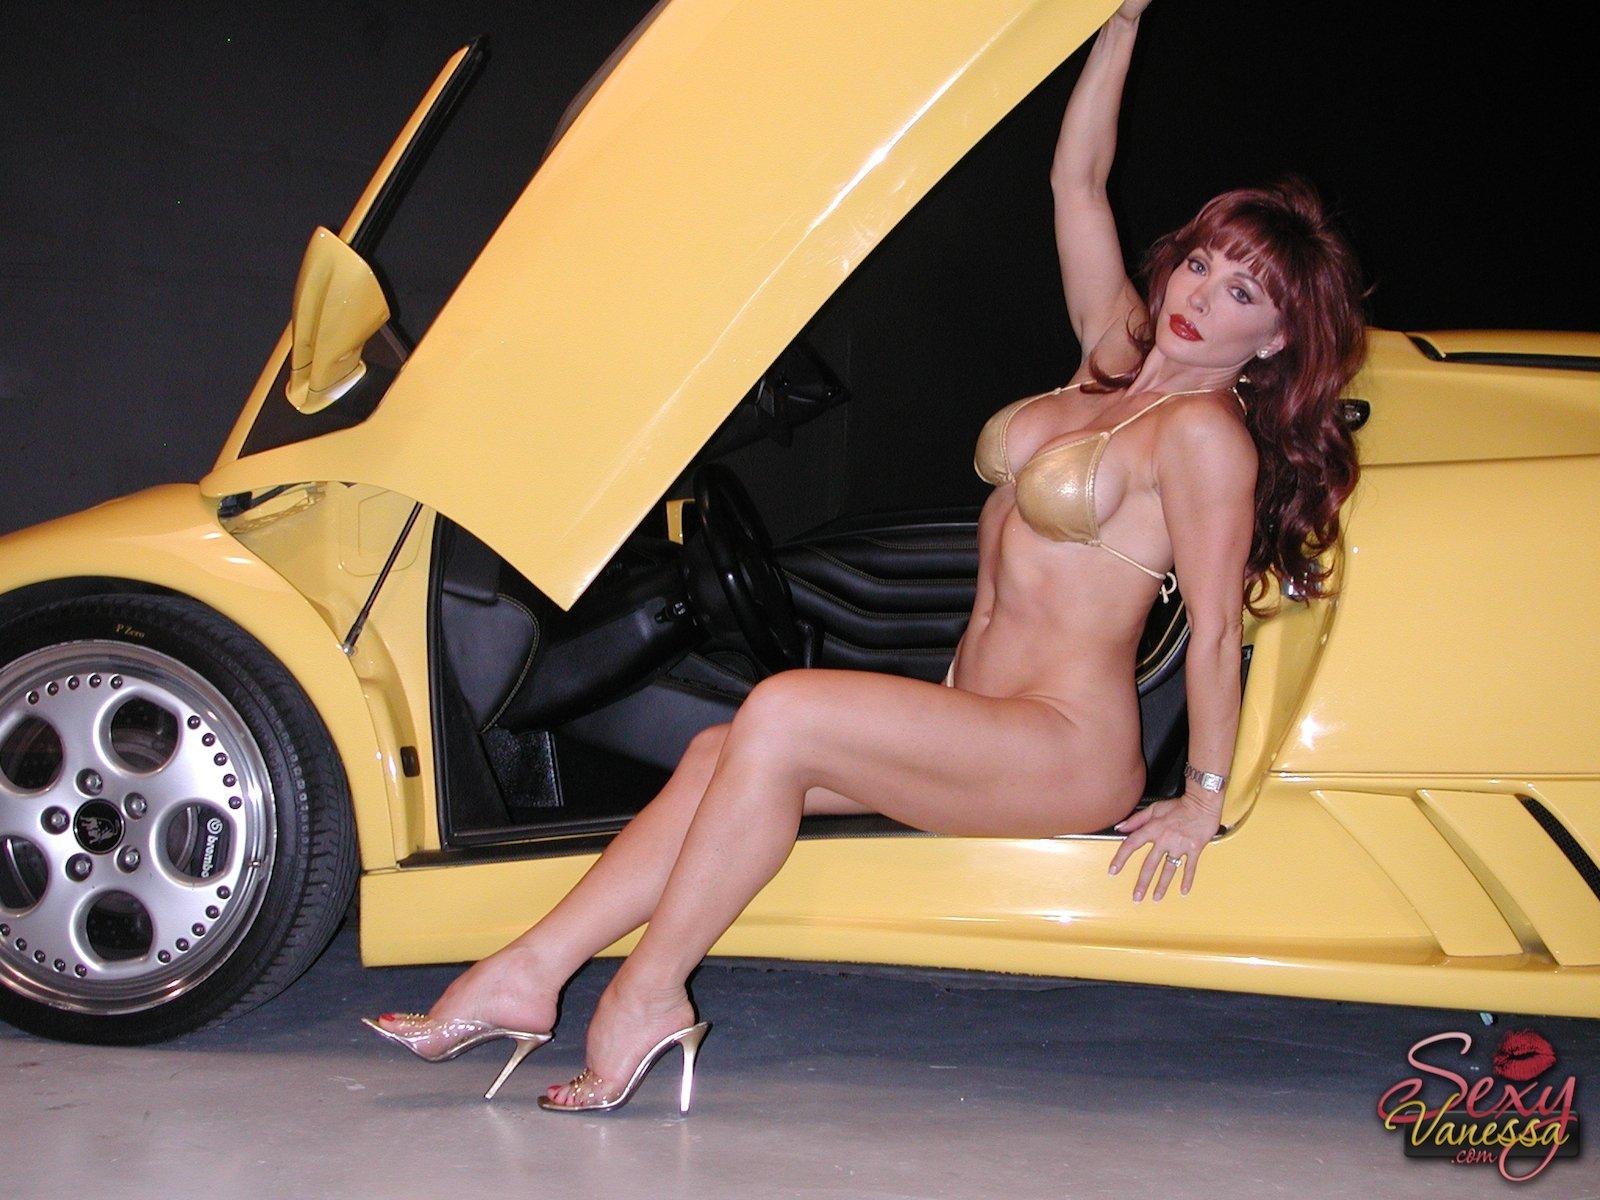 Naked Girl Driving A Lambo